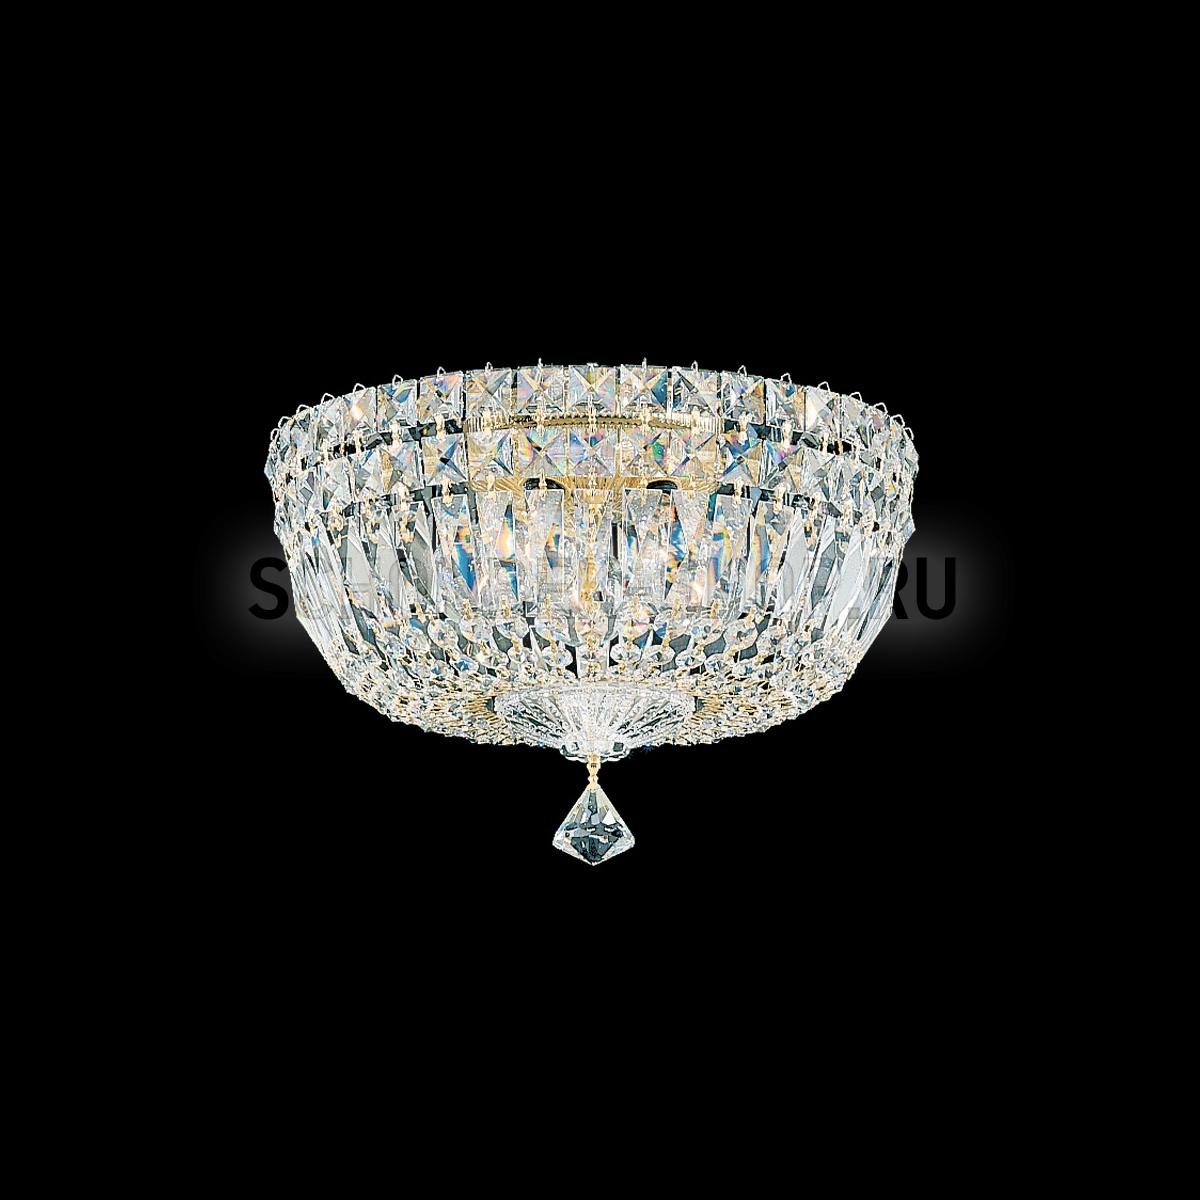 Фотография 1 - Светильник Schonbek Petit Crystal Deluxe 5892 М-401